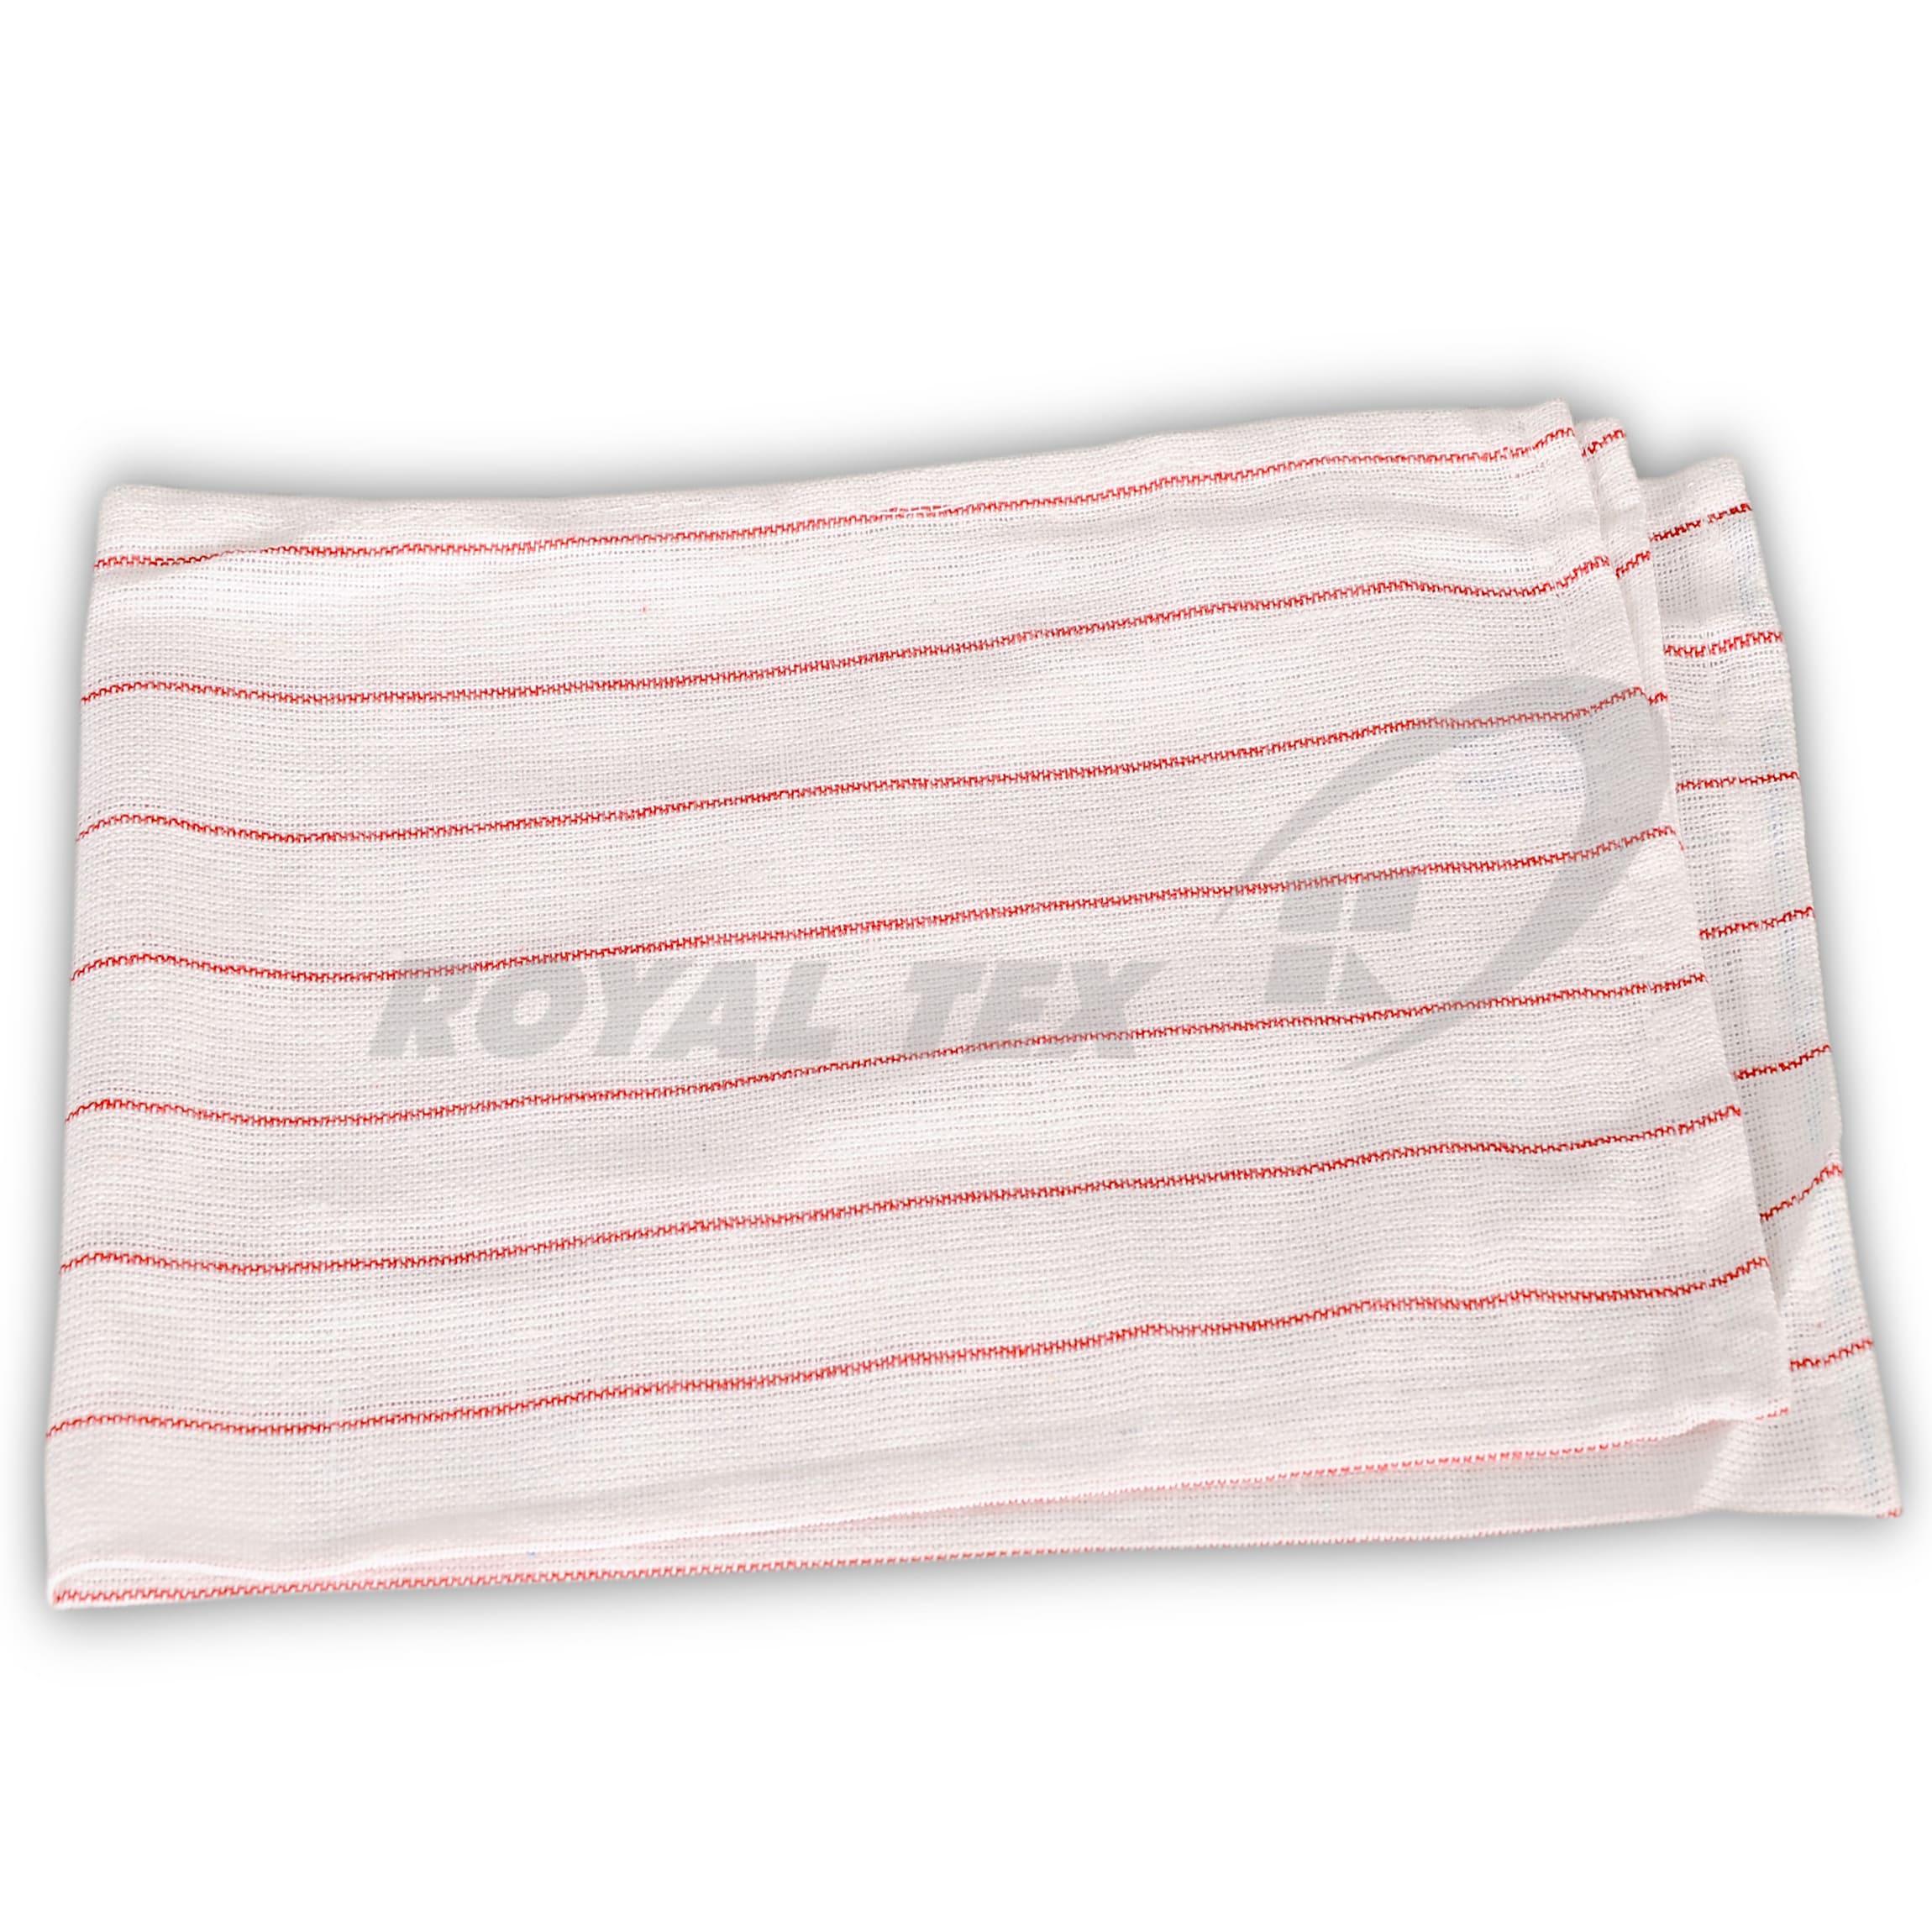 TT-305  :  Pink stripped Lintless Glass cloth.